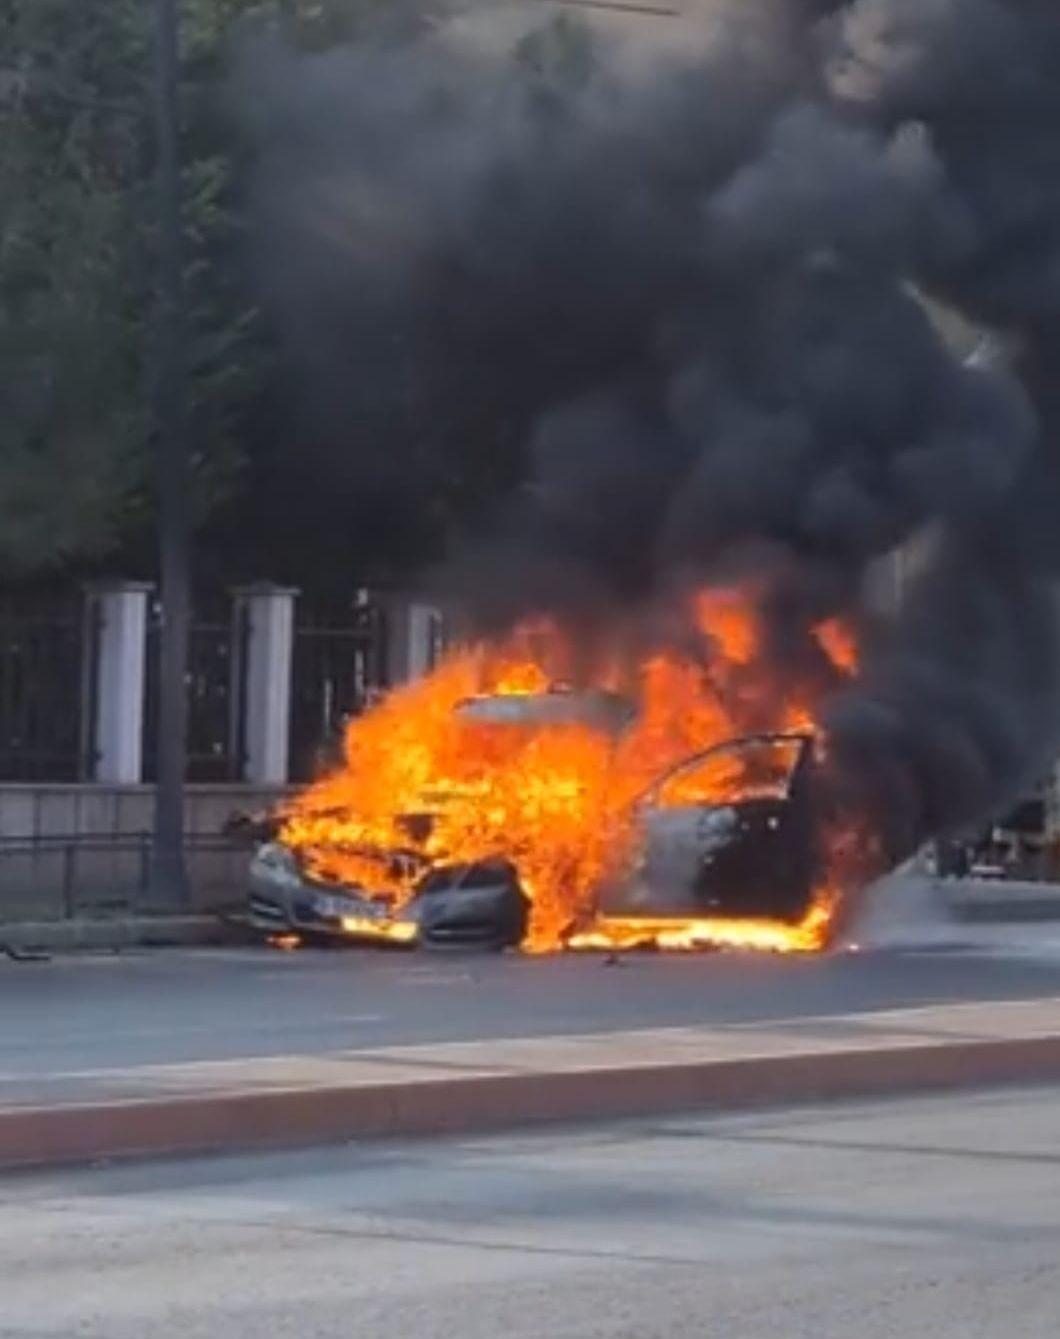 O mașină a luat foc în mers pe Calea Văcărești, în apropiere de stația de metrou Timpuri Noi. Nu au fost victime